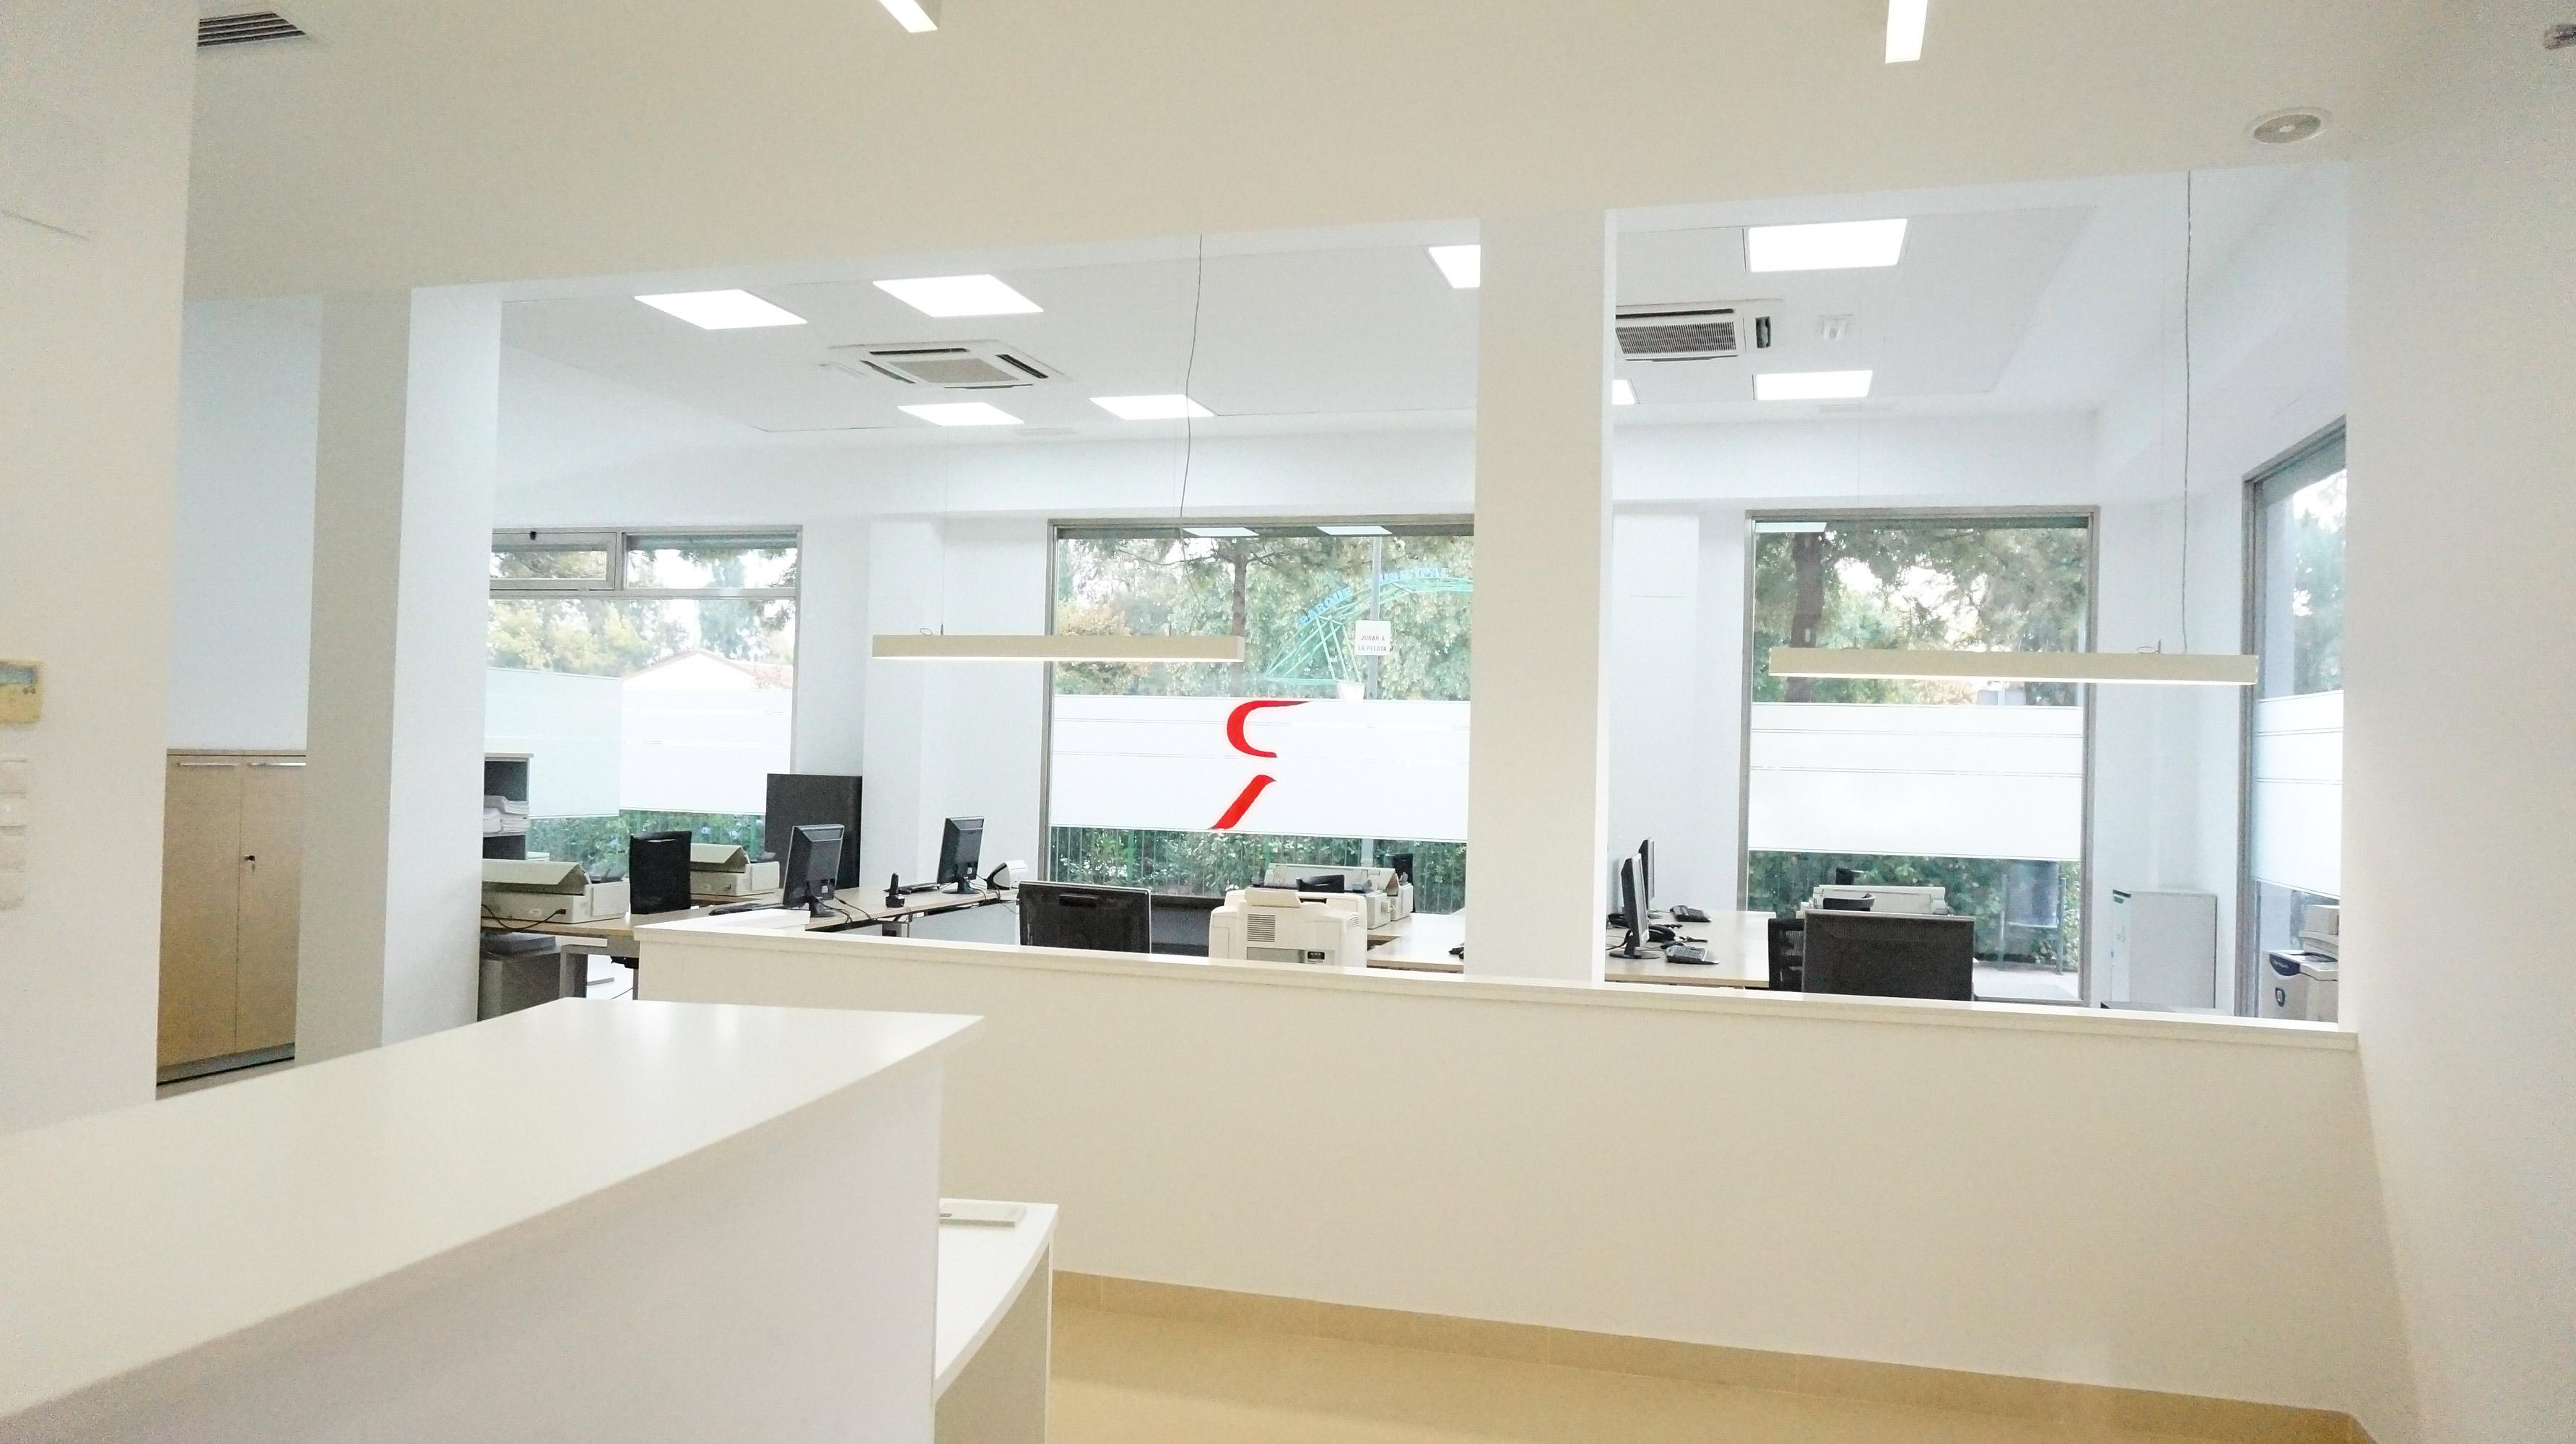 Oficina del registro de la propiedad de burjassot for Oficinas del registro de la propiedad